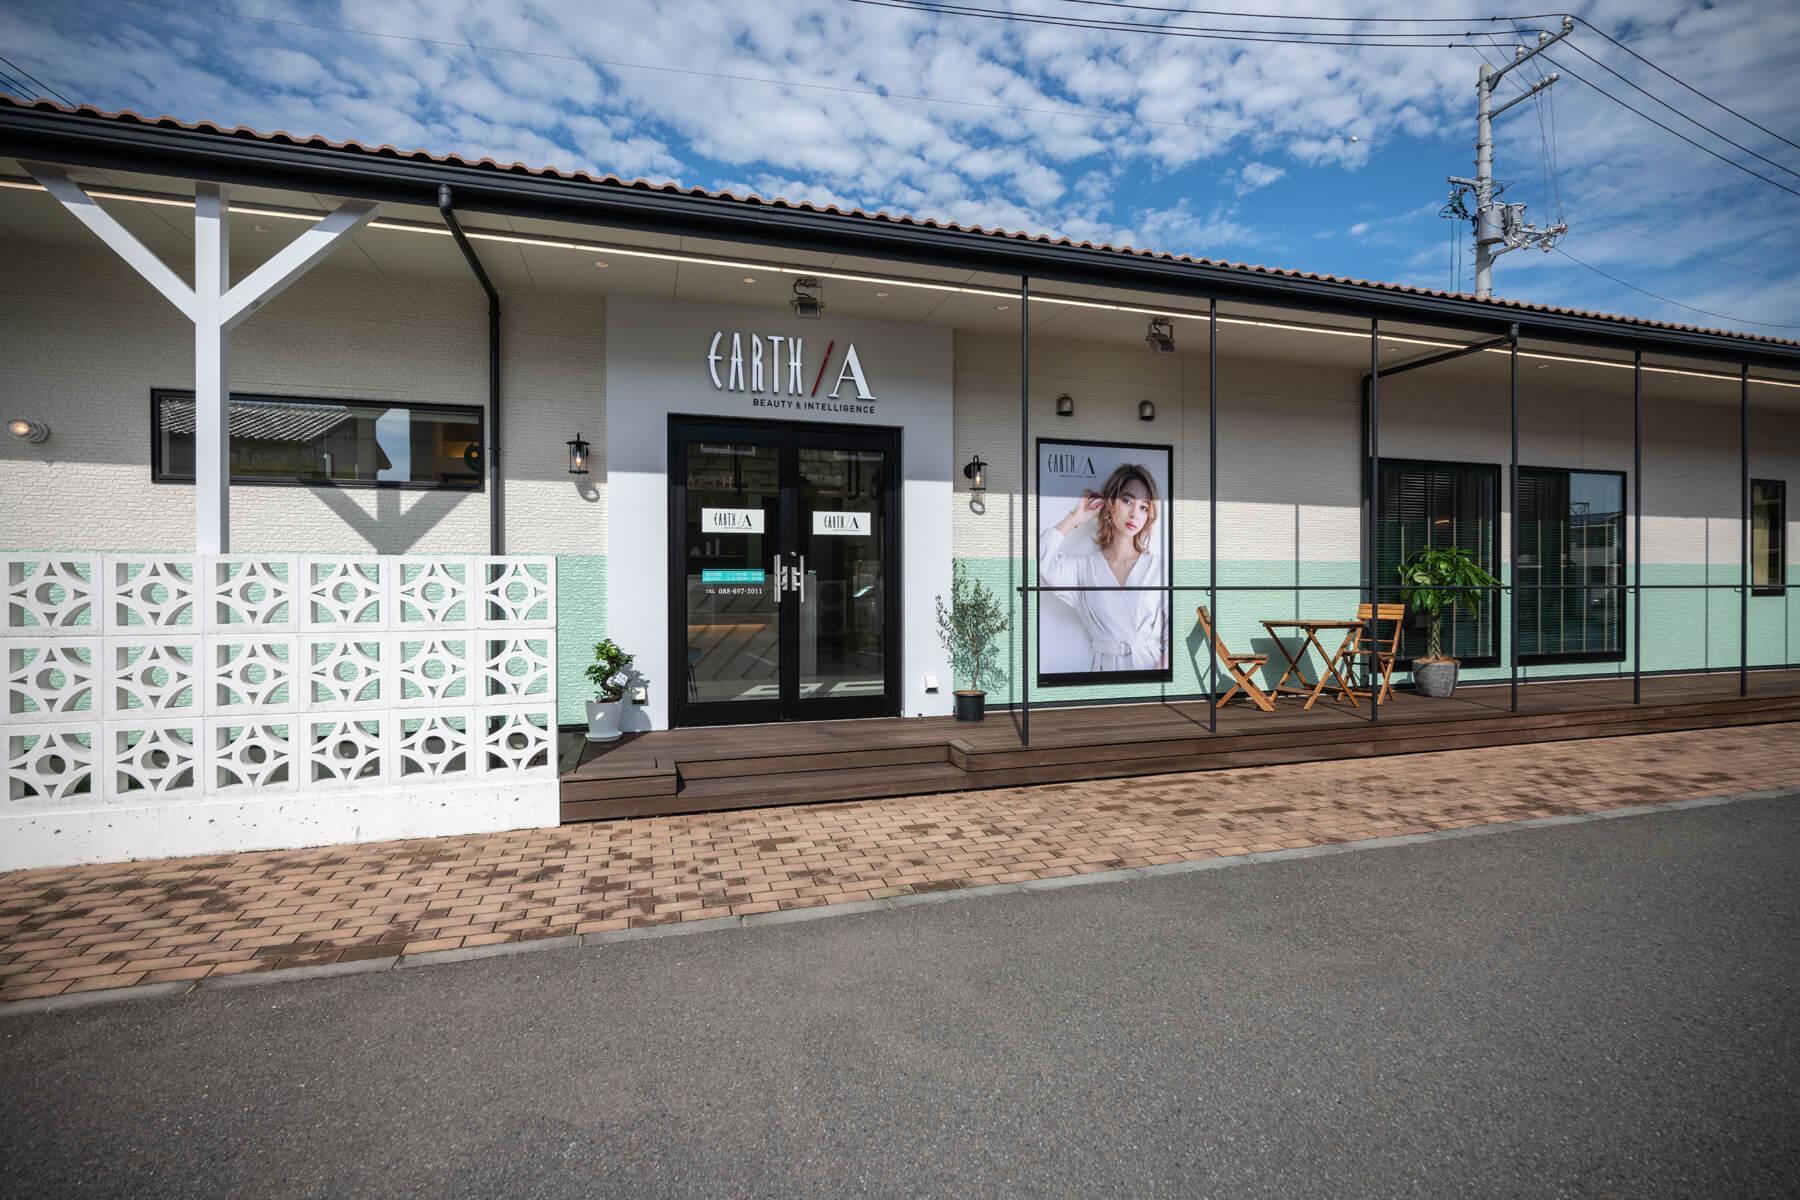 EARTH Authentic 徳島北島店/Tokushima